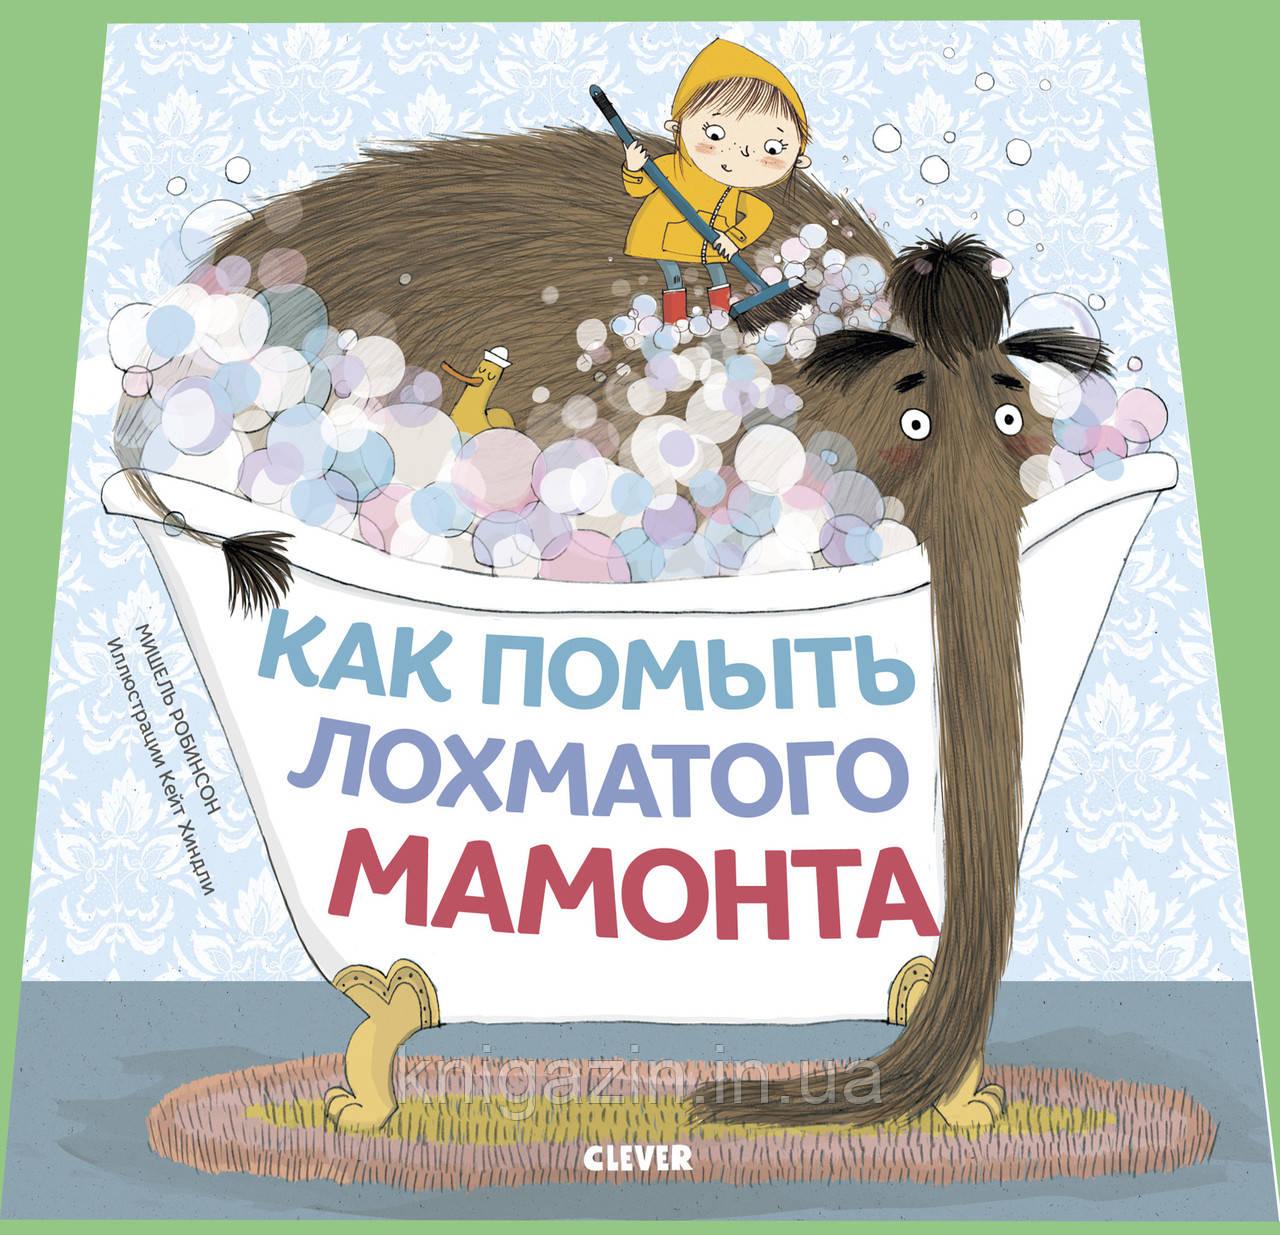 Детская книга Робинсон Мишель Как помыть лохматого мамонта Для детей от 3 лет